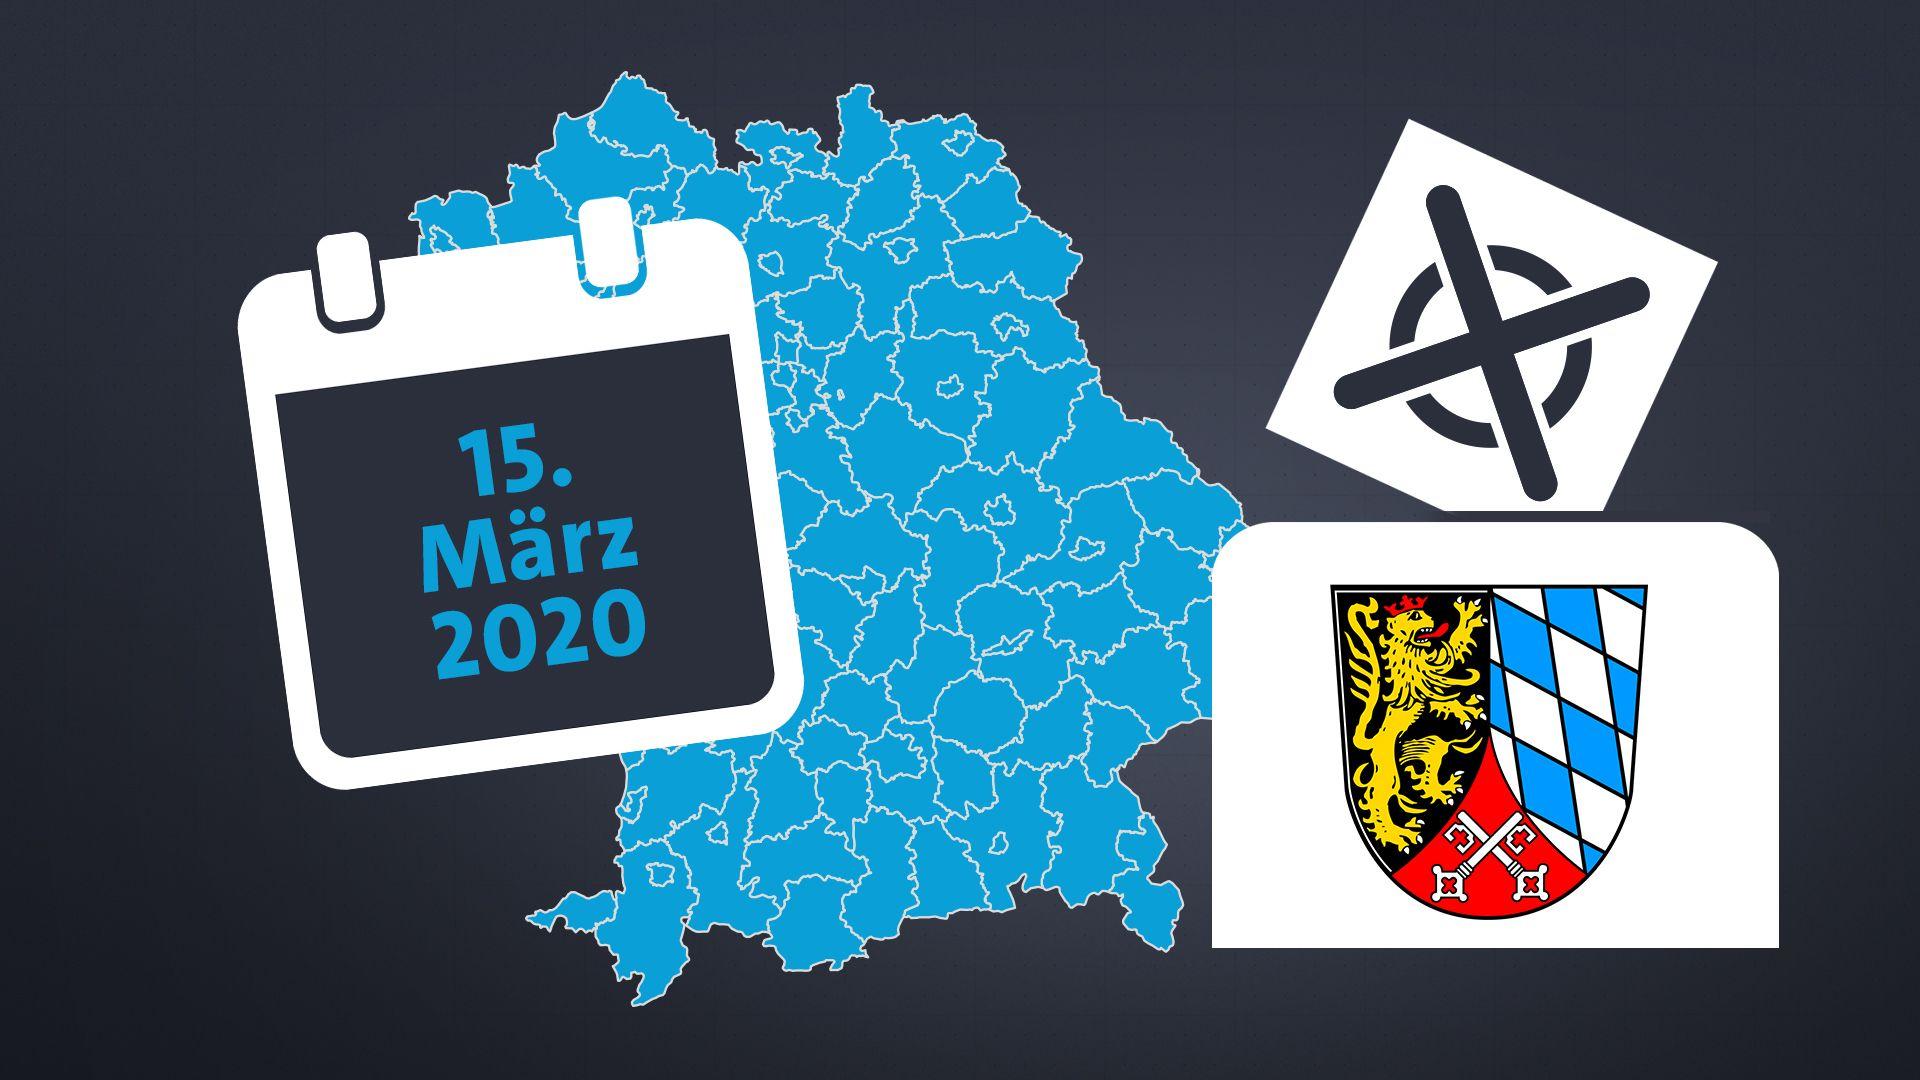 Kommunalwahlen in der Oberpfalz: Wo es spannend wird